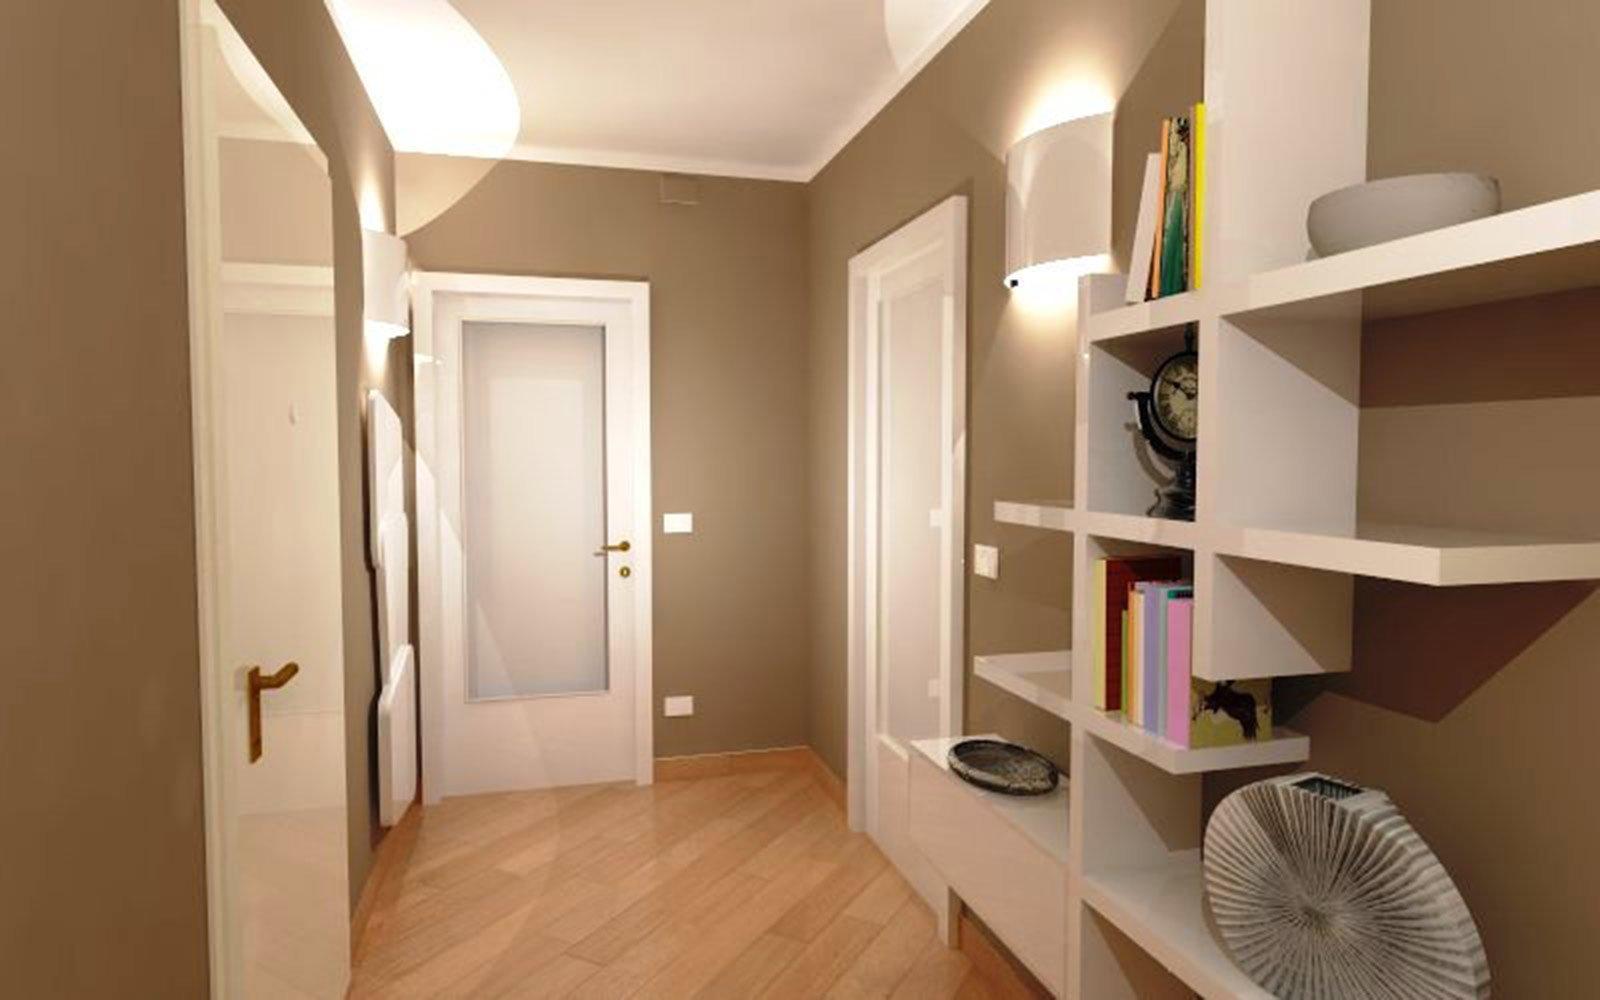 Corridoio quali finiture per pavimento e porte cose di for Idee colori pareti ingresso